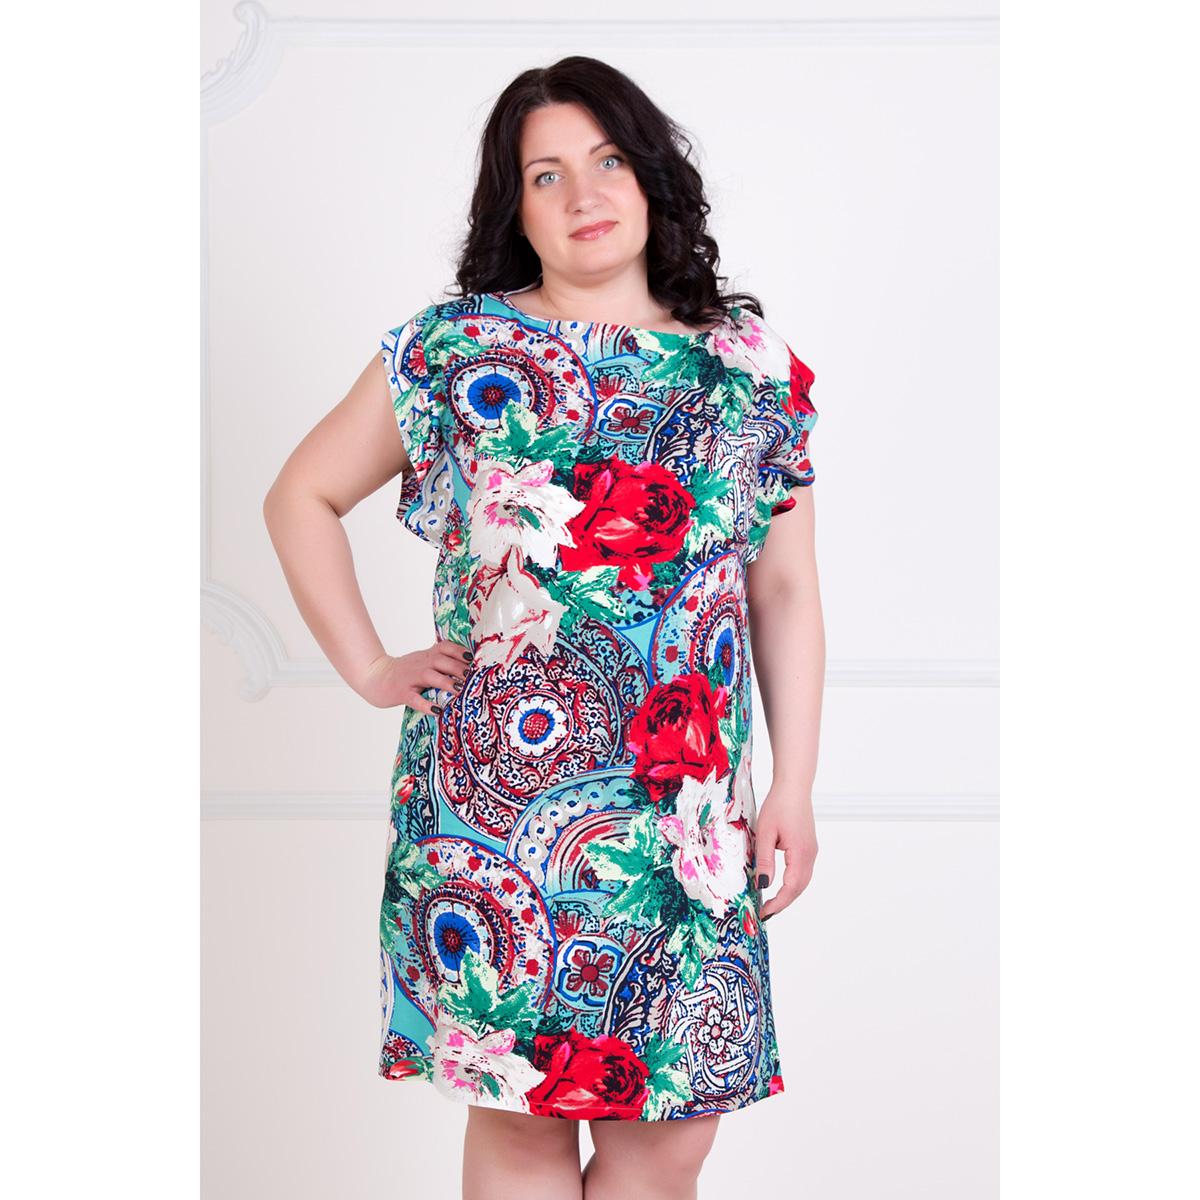 Жен. платье Инди р. 52Платья, туники<br>Обхват груди:104 см<br>Обхват талии:85 см<br>Обхват бедер:112 см<br>Длина по спинке:94.5 см<br>Рост:167 см<br><br>Тип: Жен. платье<br>Размер: 52<br>Материал: Штапель